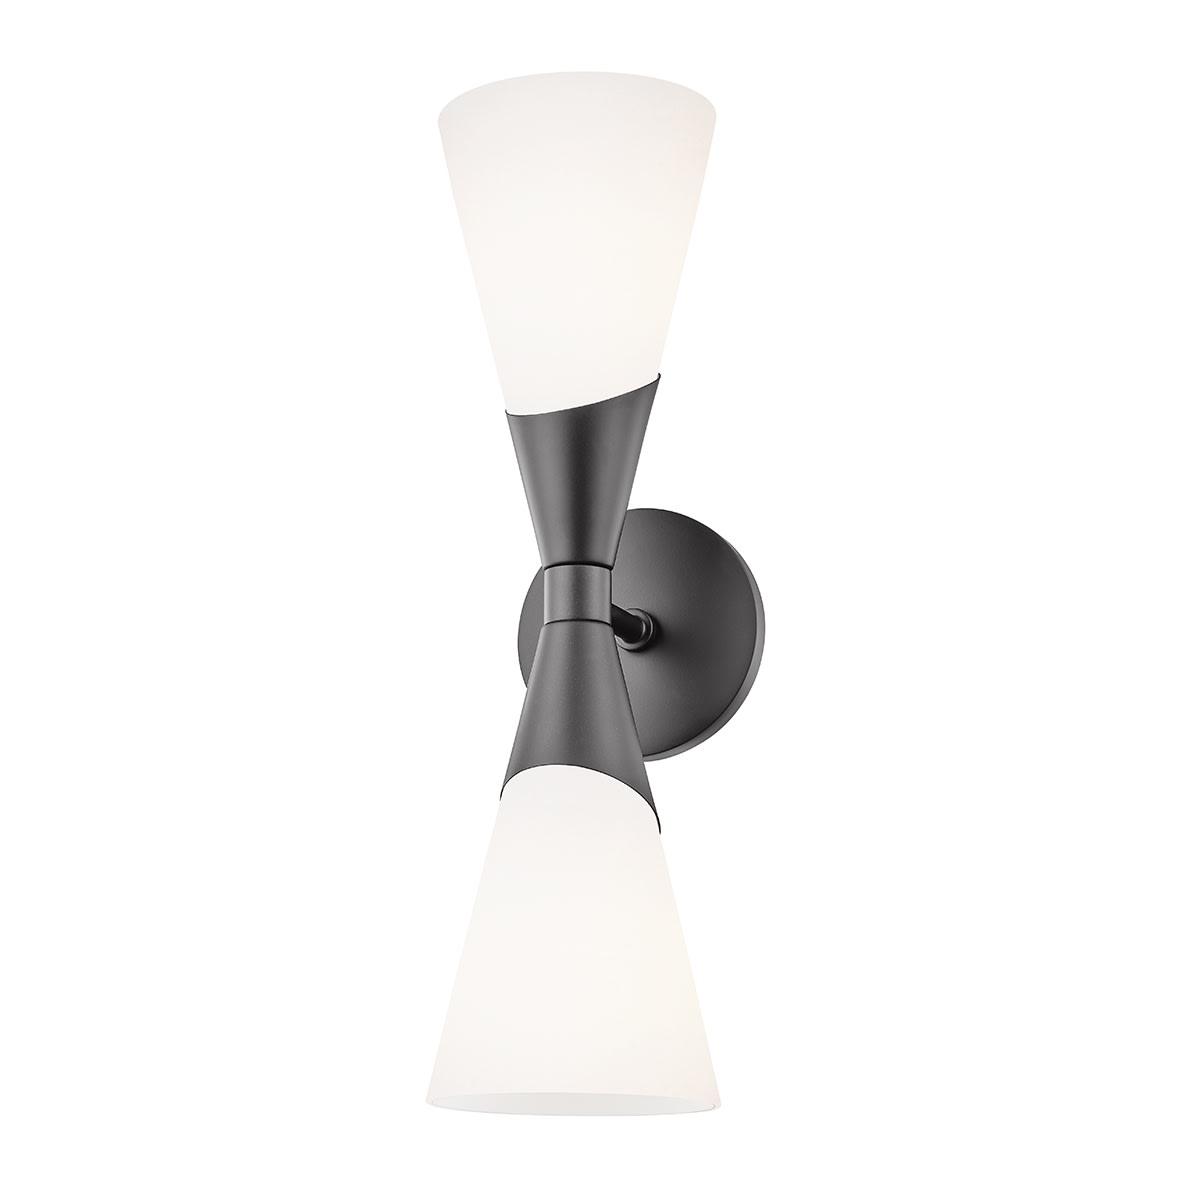 Image of: Mitzi H312102 Blk Glossy Black Parker 2 Light 18 Tall Bathroom Sconce Lightingshowplace Com